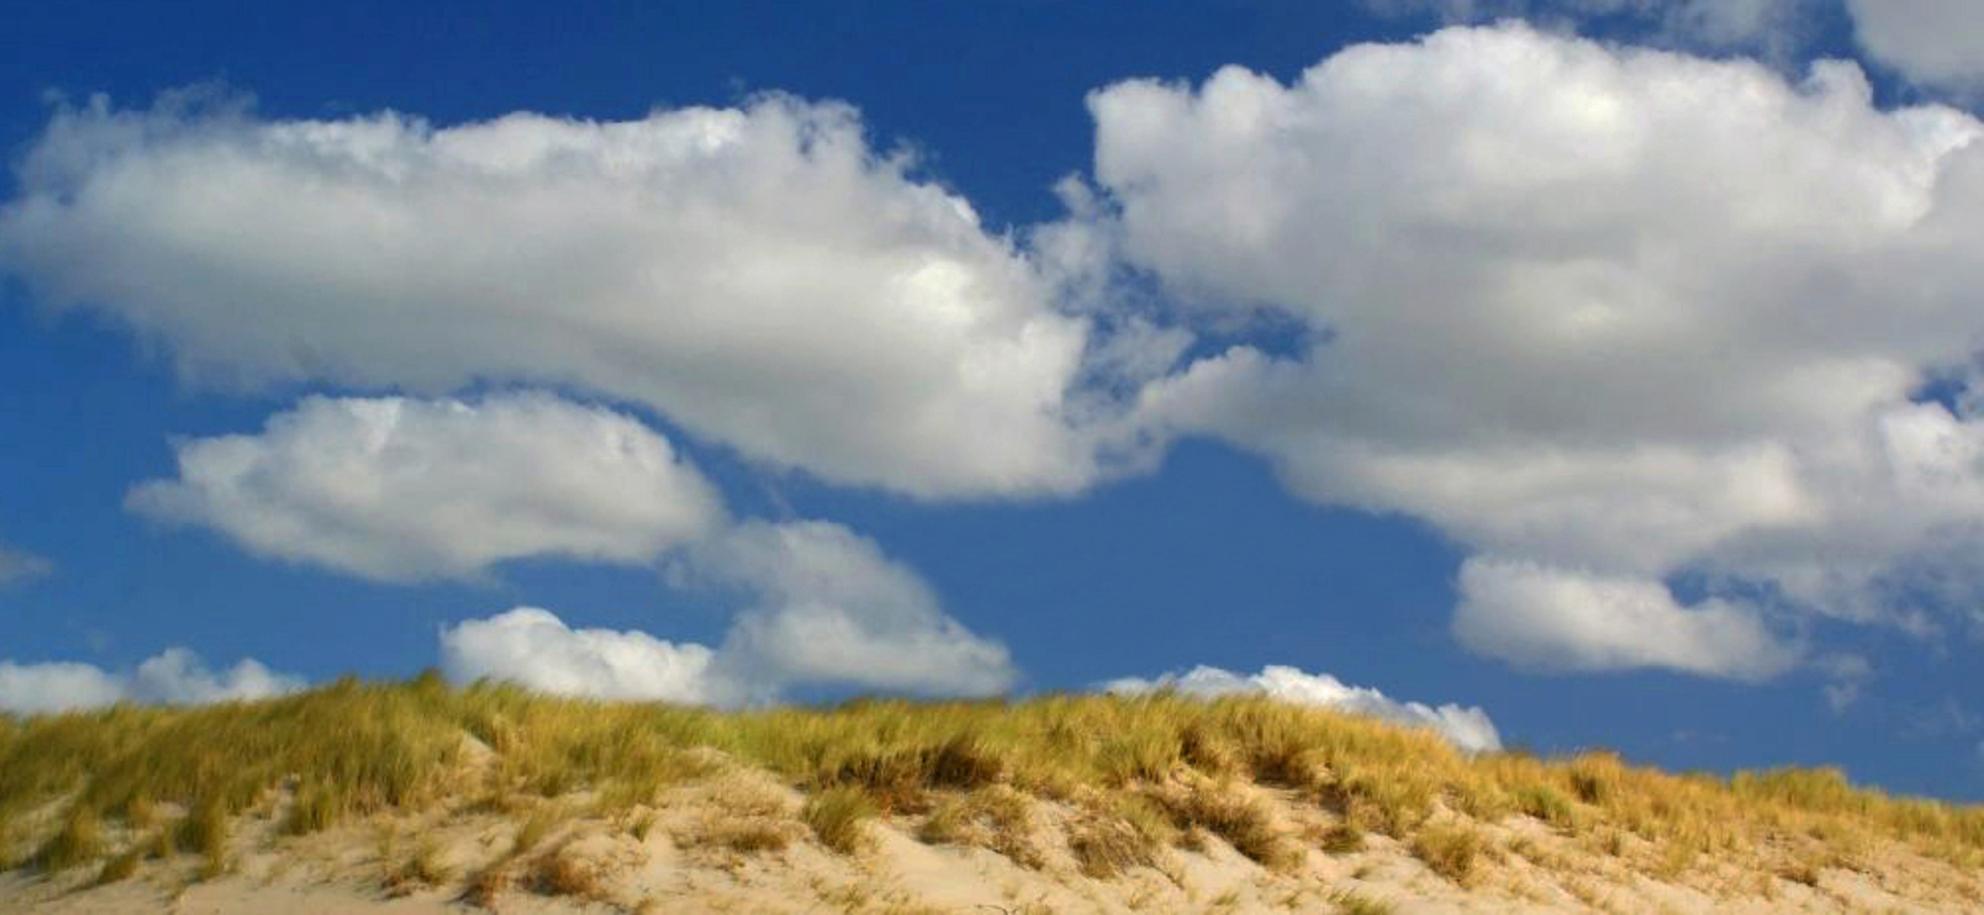 Mooie wolken - Tijdens een wandeling over het strand aan de Noord-Hollandse kust ontstonden er ineens prachtige wolken boven de duinen, 't is een onderwerp dat ik  - foto door jzfotografie op 03-03-2014 - deze foto bevat: wolken, strand, duinen, contrast, wandeling, helm, noord-holland, Egmond aan Zee - Deze foto mag gebruikt worden in een Zoom.nl publicatie